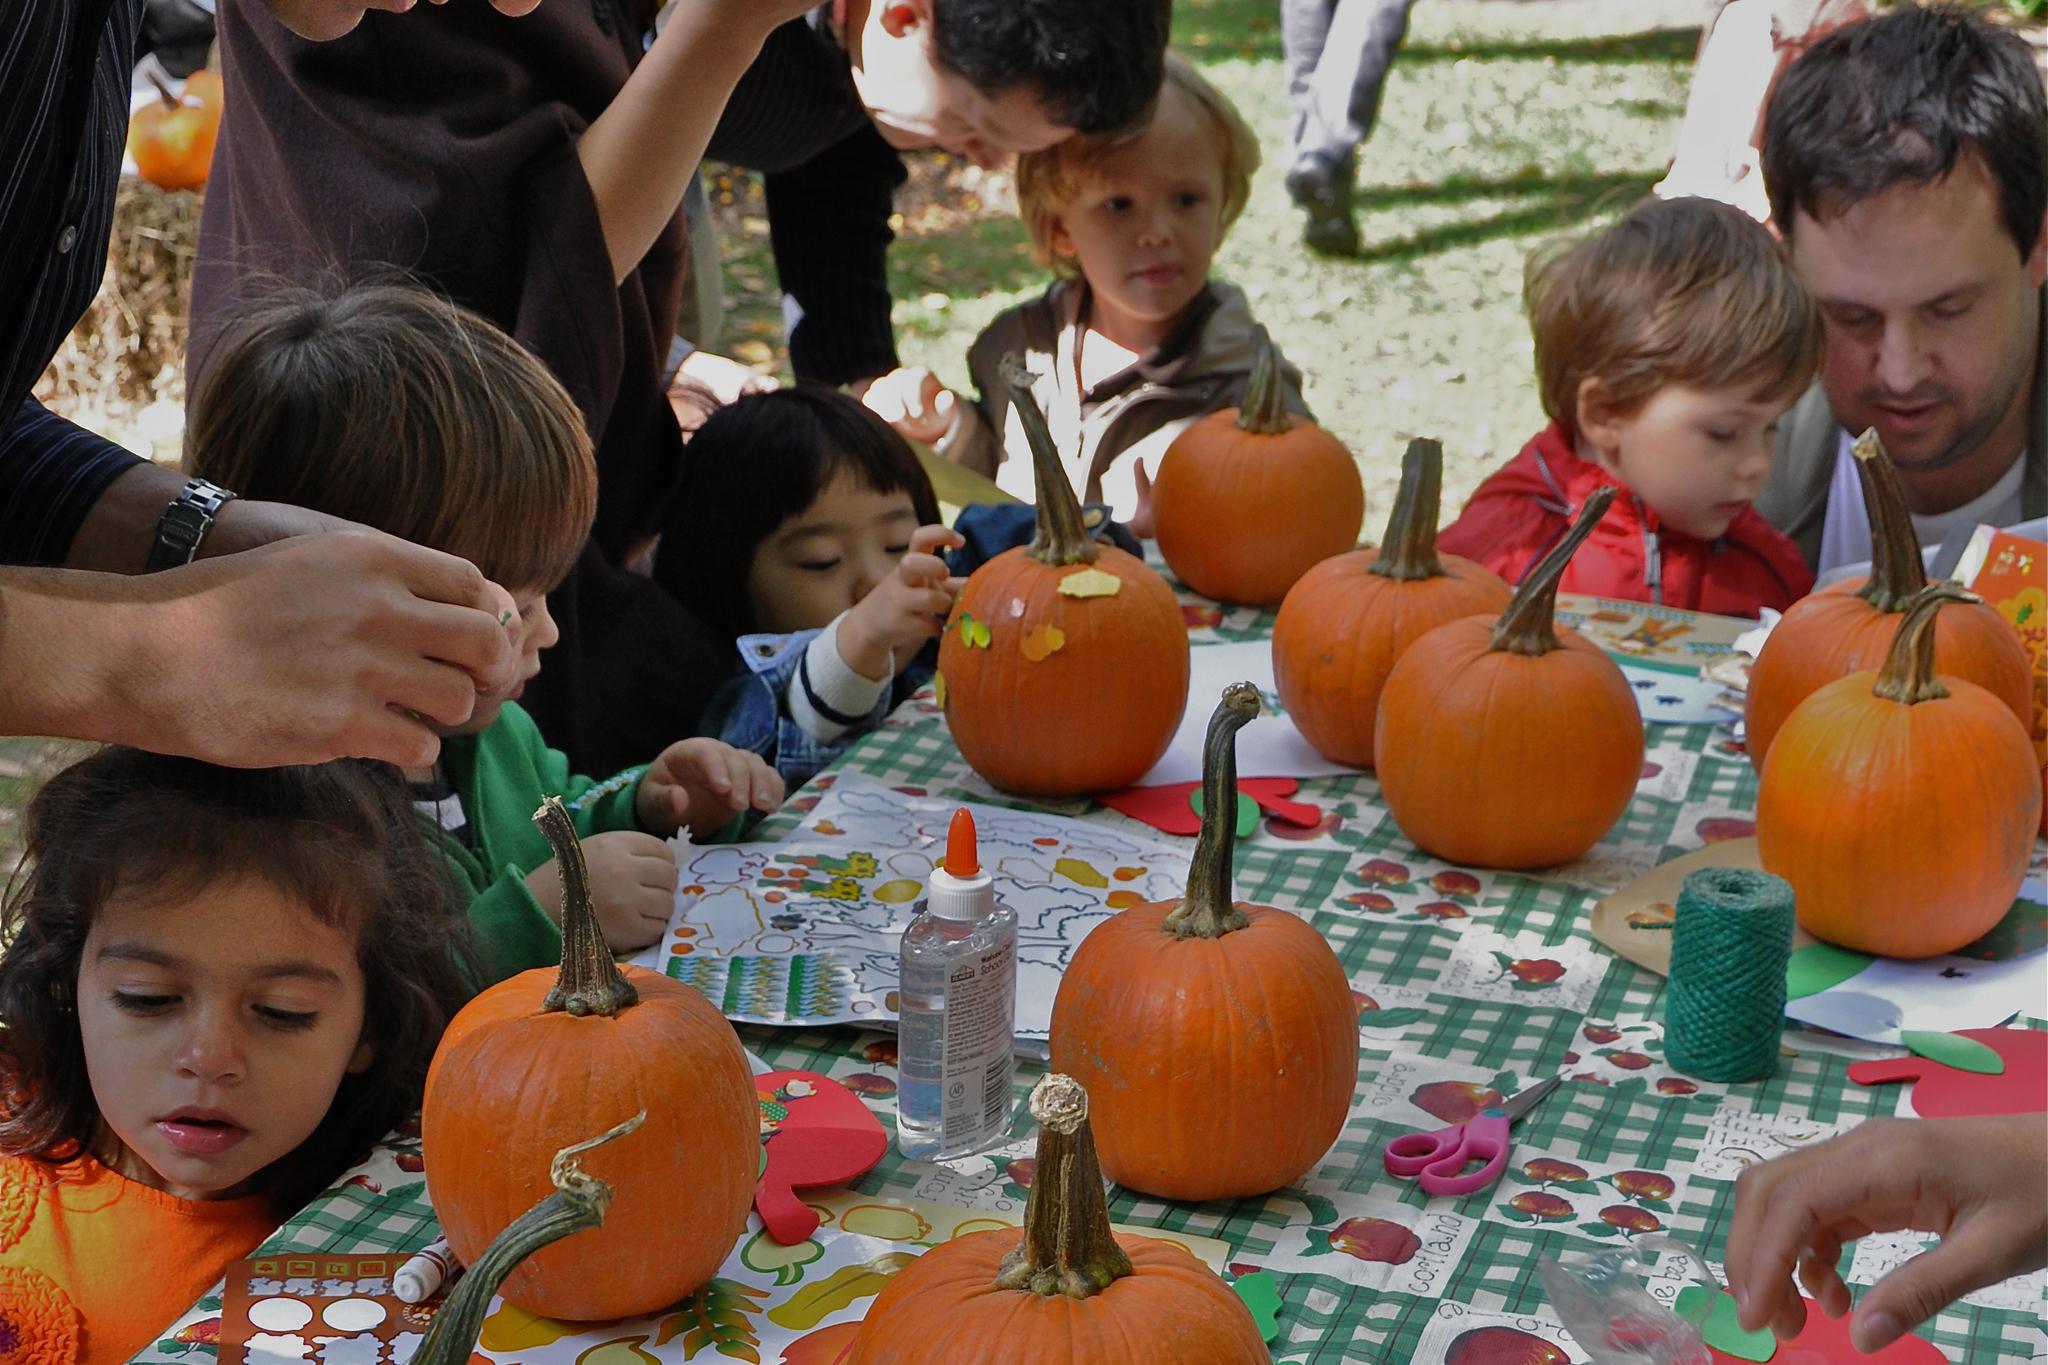 Jefferson Market Garden Children's Harvest Festival